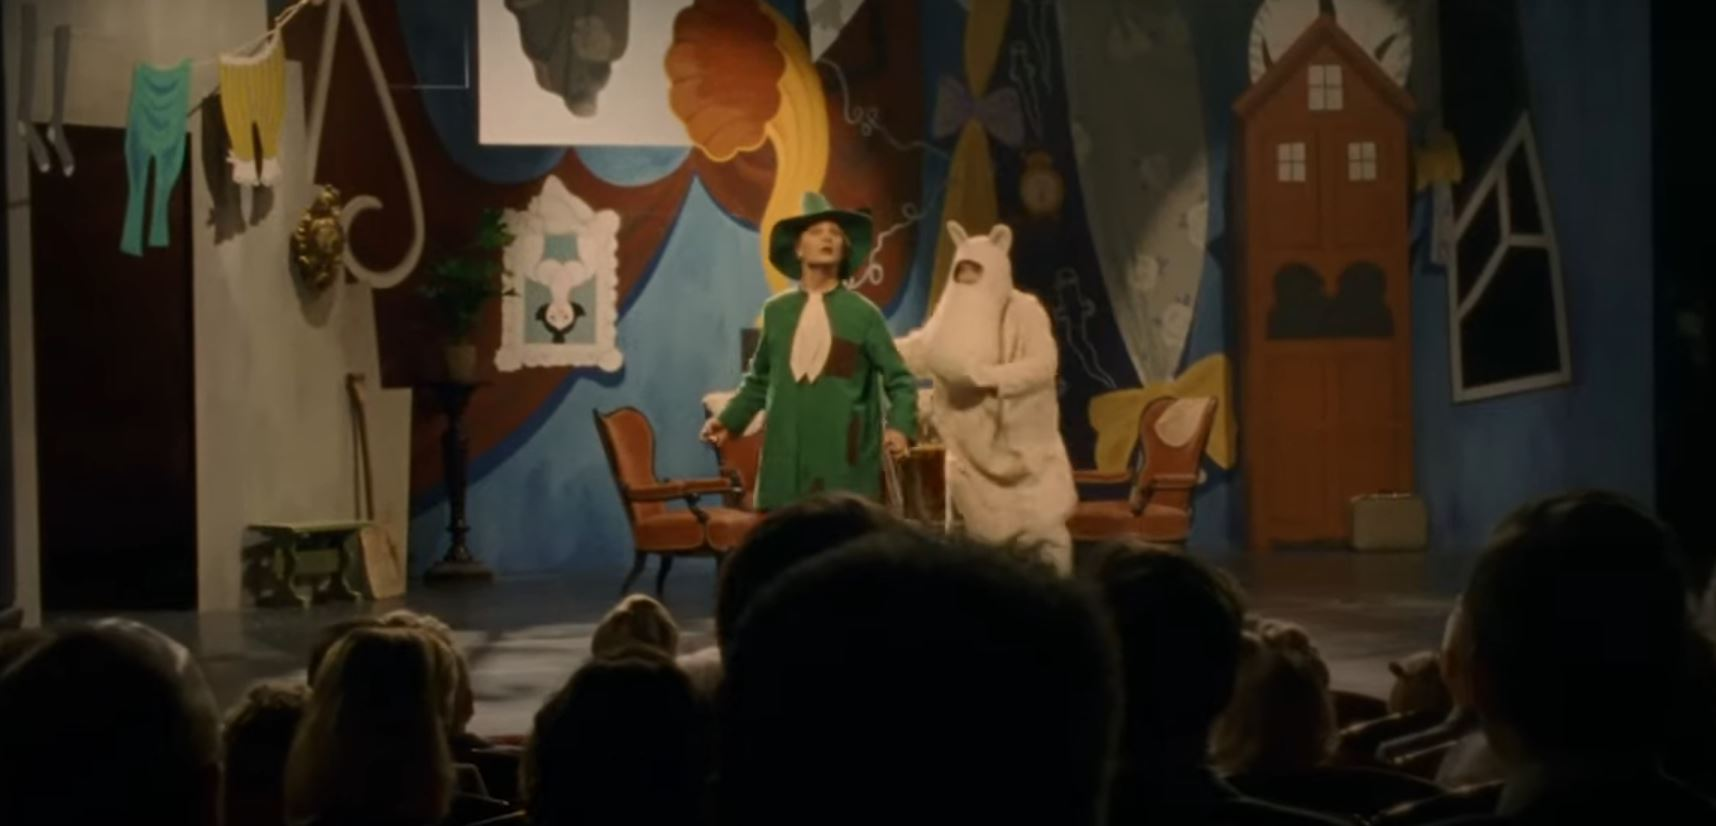 Первый трейлер «Туве» — фильма проТуве Янссон, создательницу муми-троллей